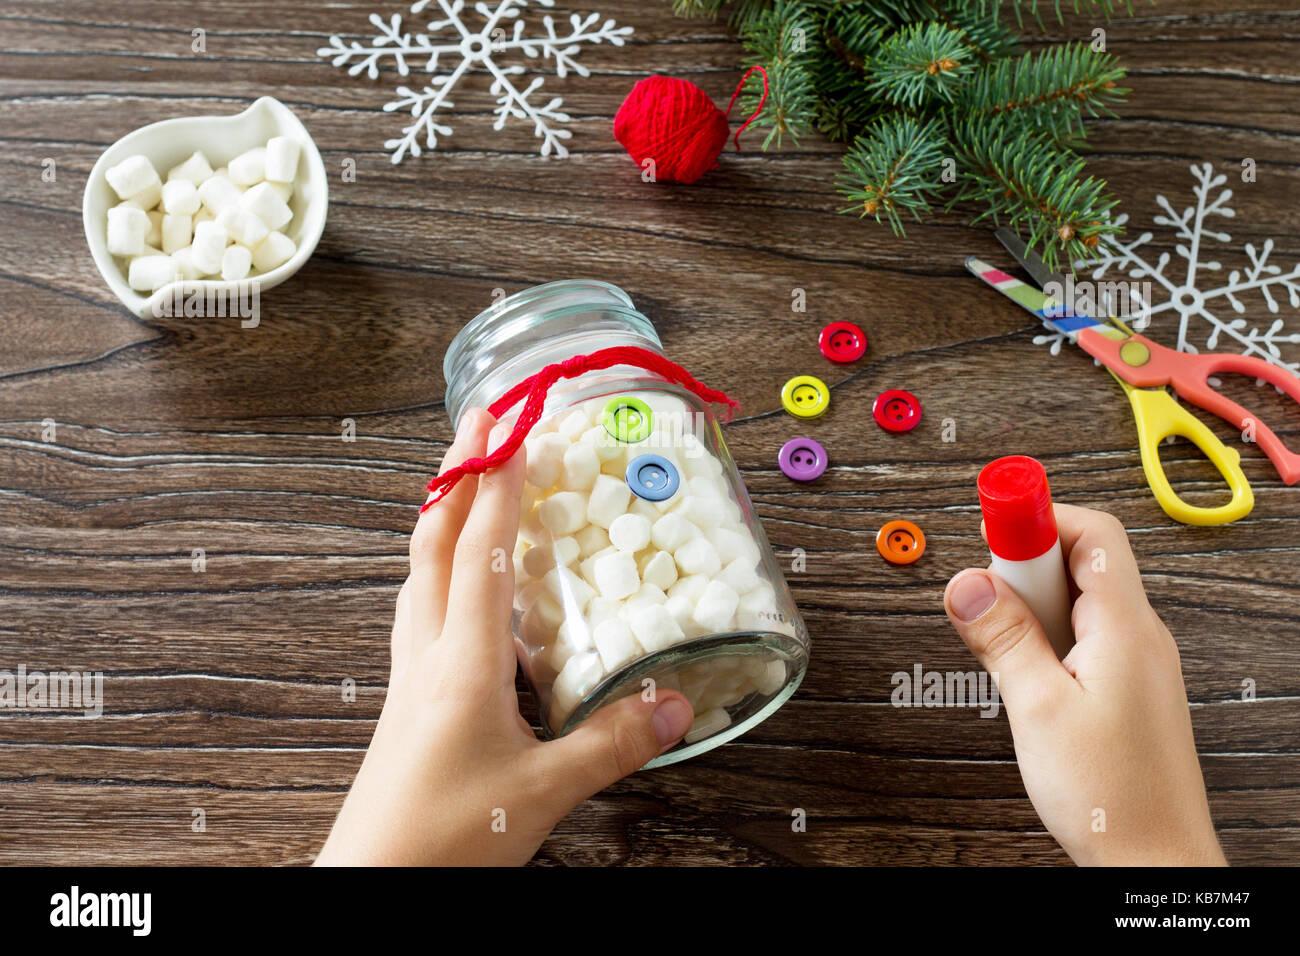 Ein Kind ist ein Weihnachten mit einem Schneemann von Süßigkeiten ...